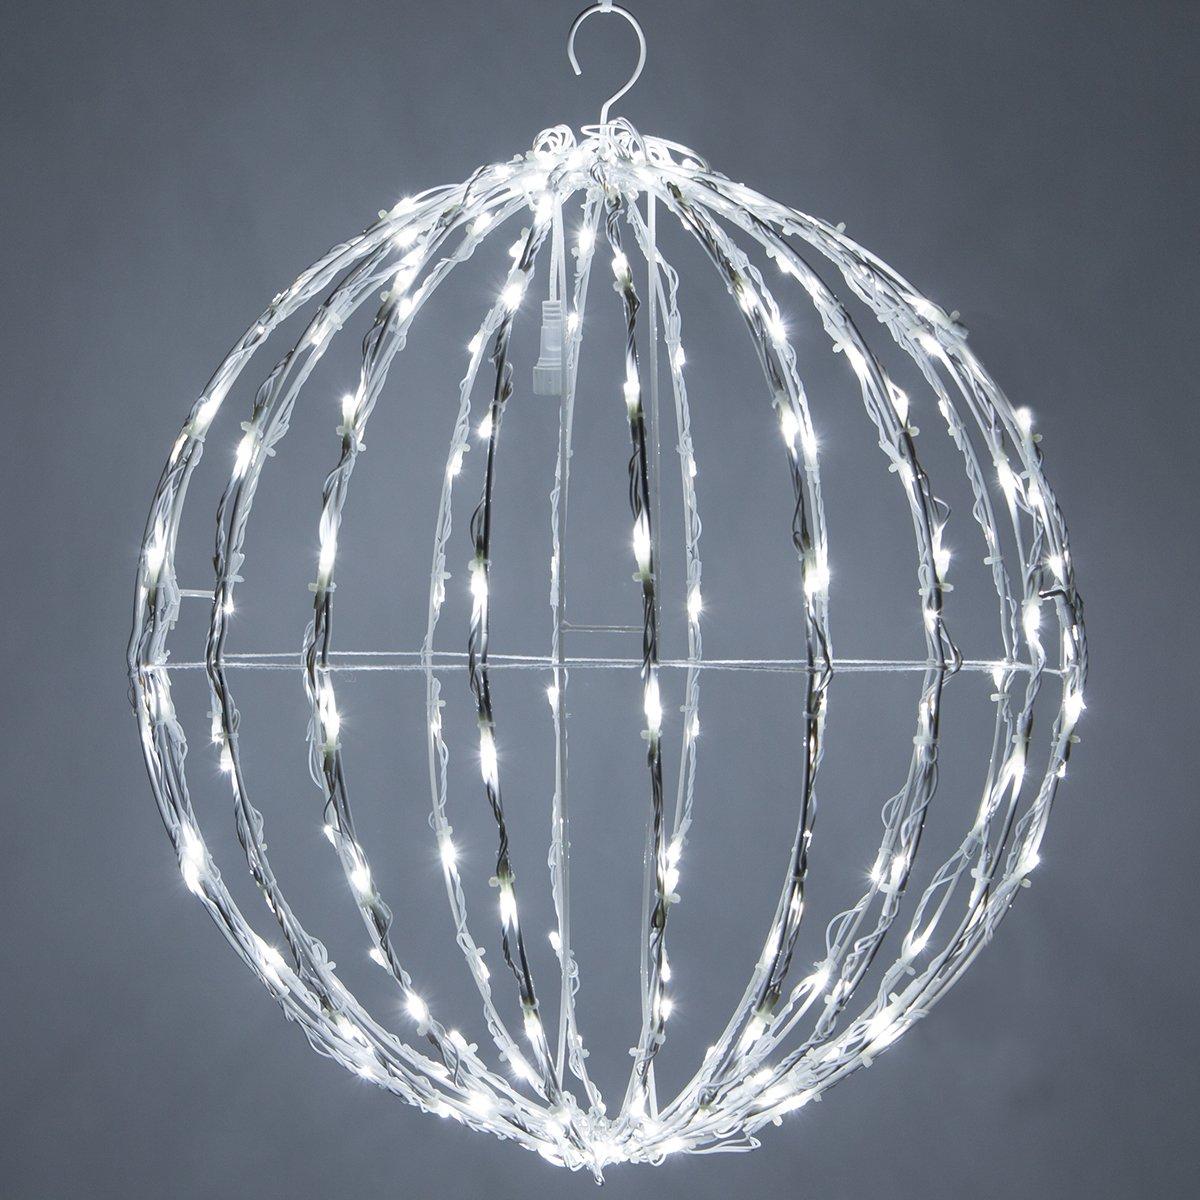 LED Light Ball – Indoor / Outdoor Christmas Light Balls, Light Spheres Outdoor / Sphere Light Fold Flat Metal Frame (32'', White Frame / Cool White Lights) by Wintergreen Lighting